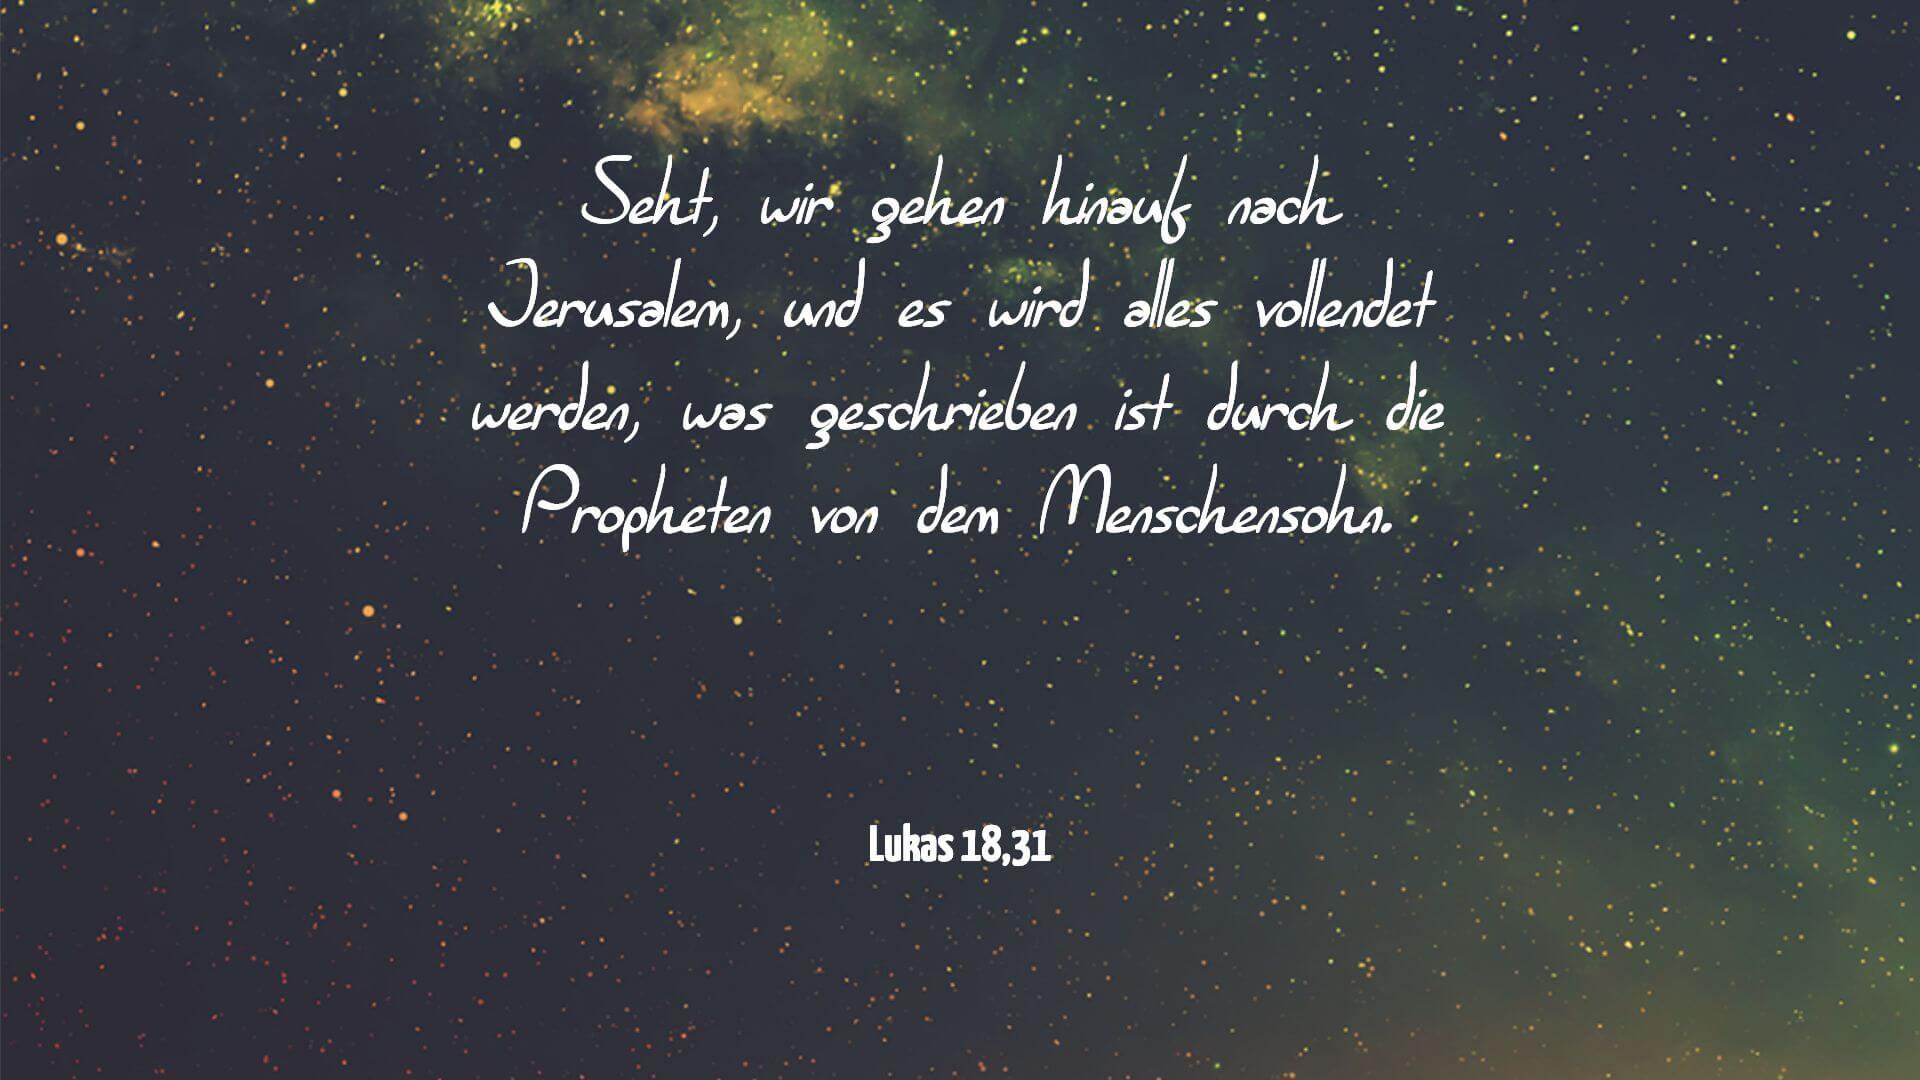 Seht, wir gehen hinauf nach Jerusalem, und es wird alles vollendet werden, was geschrieben ist durch die Propheten von dem Menschensohn. - Lukas 18,31